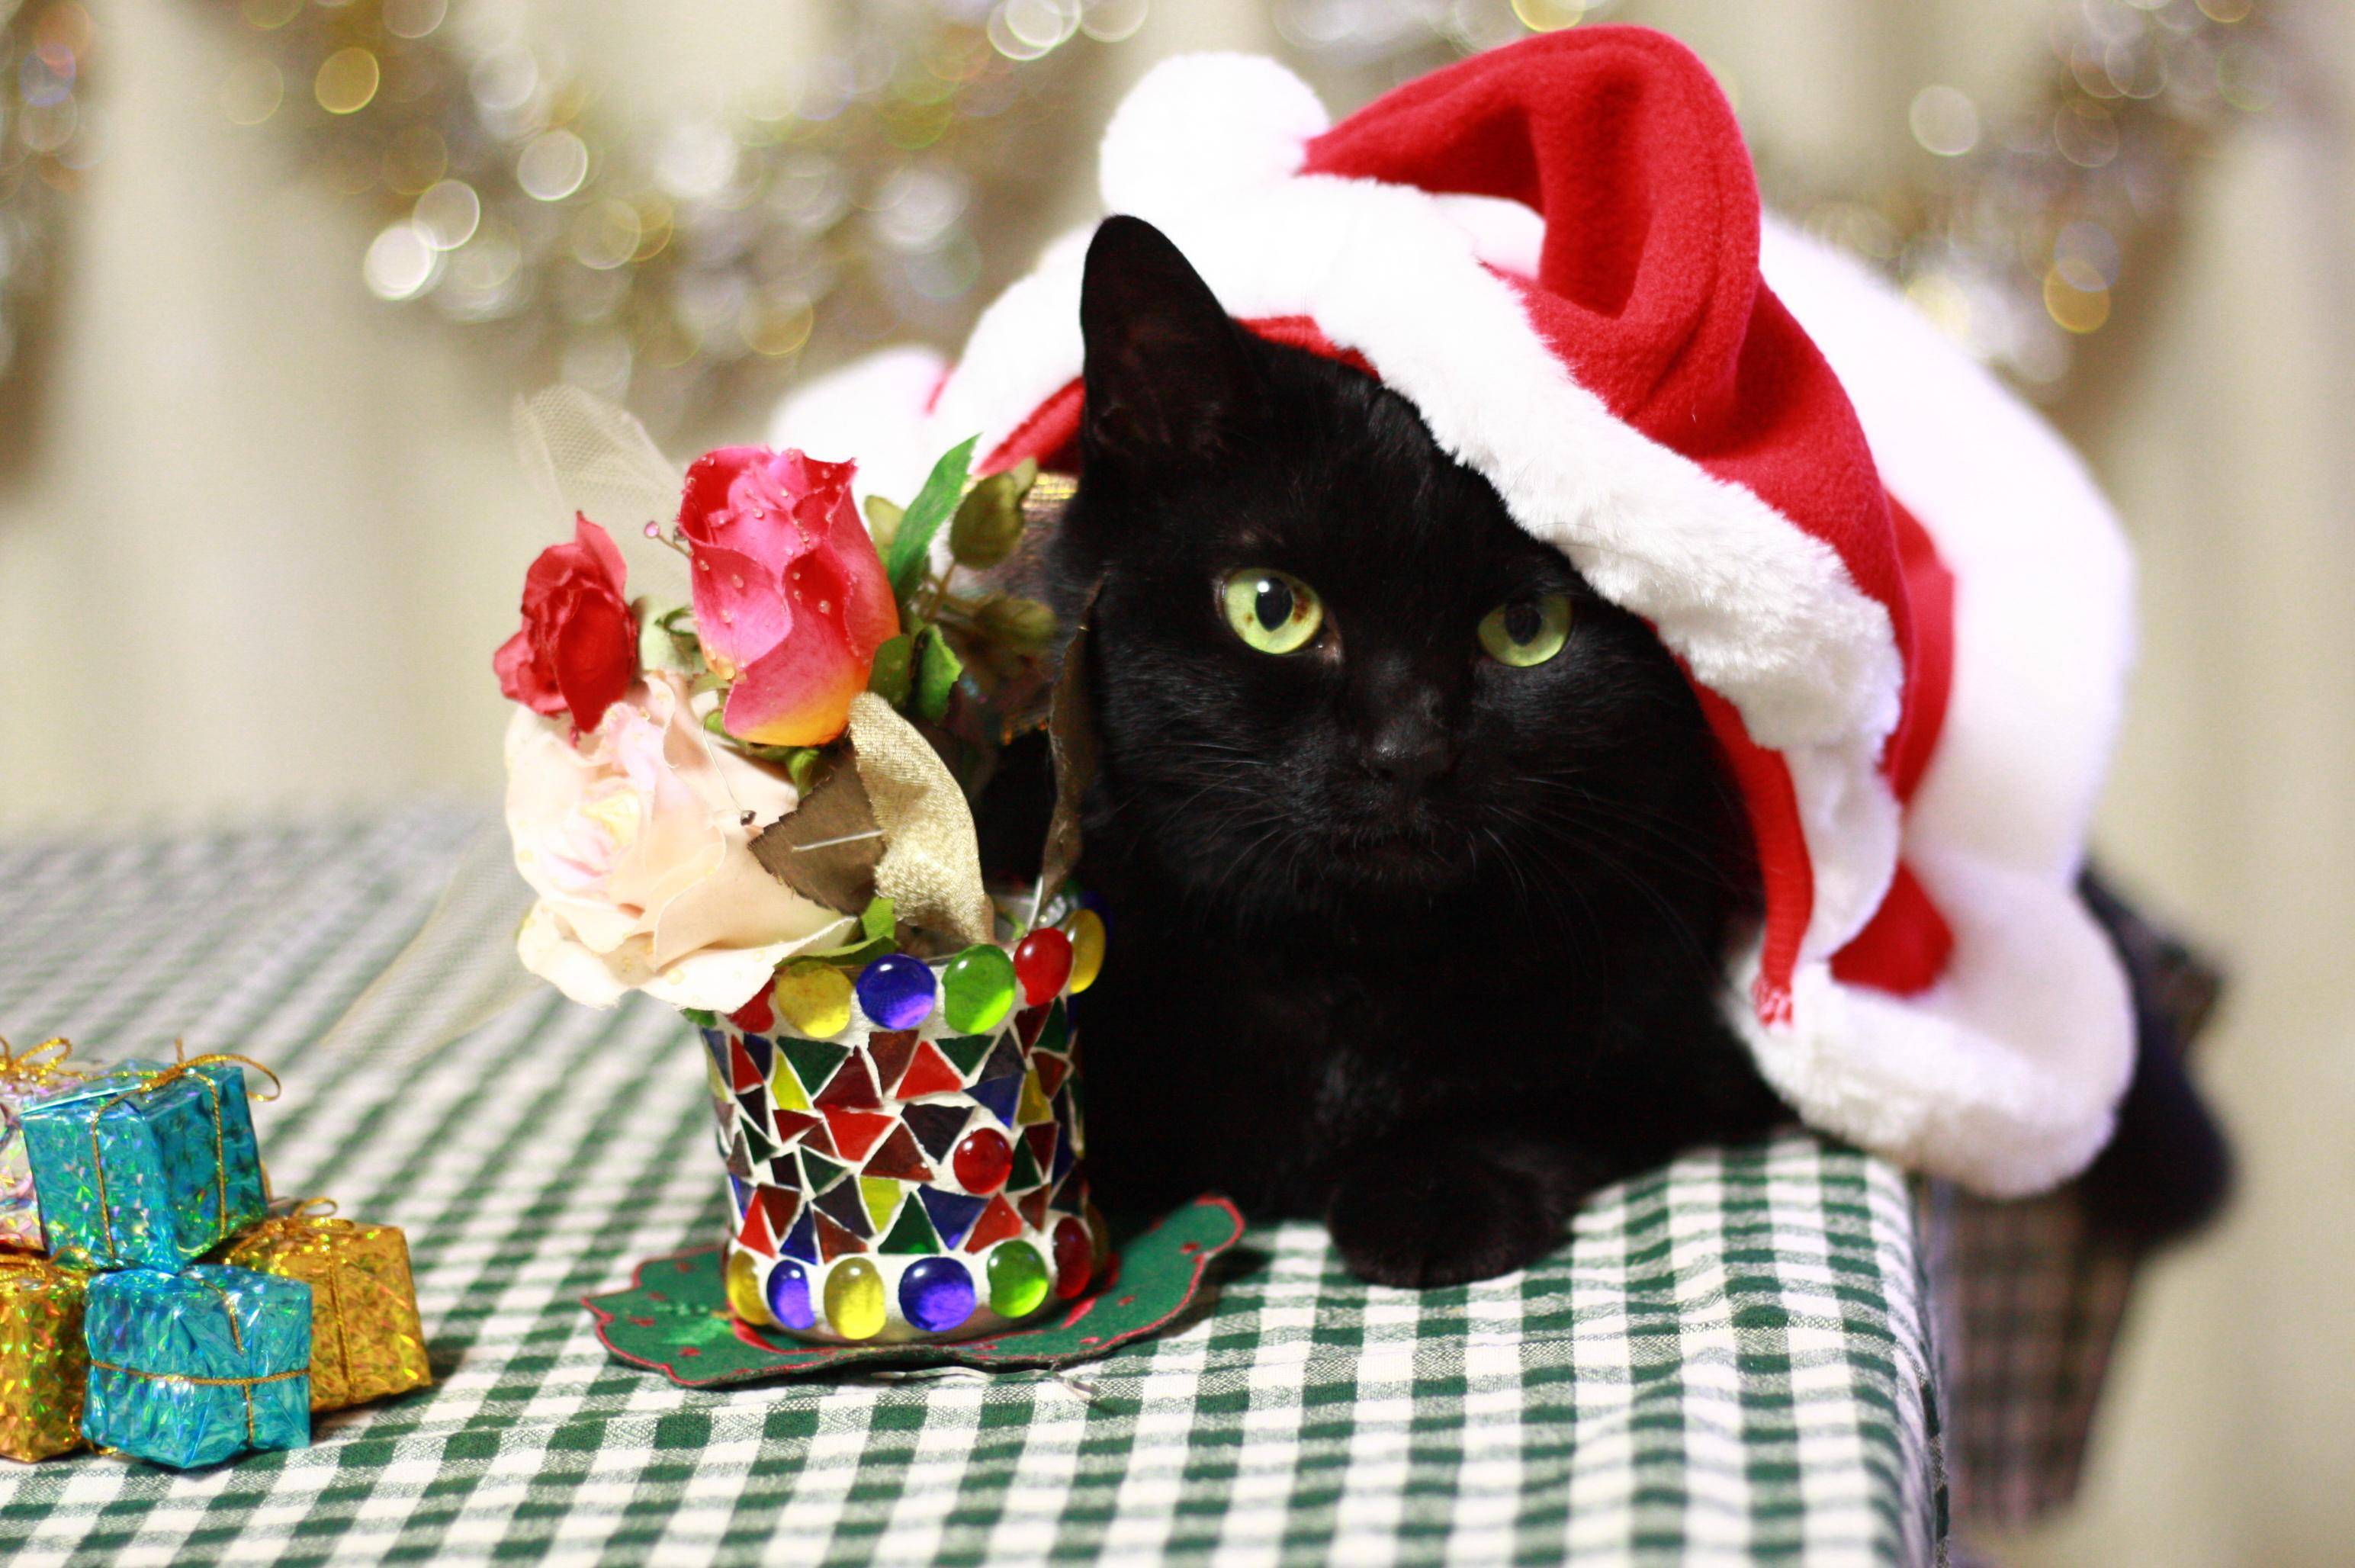 「ふふ、このプレゼントはいただいたにゃ…♡」